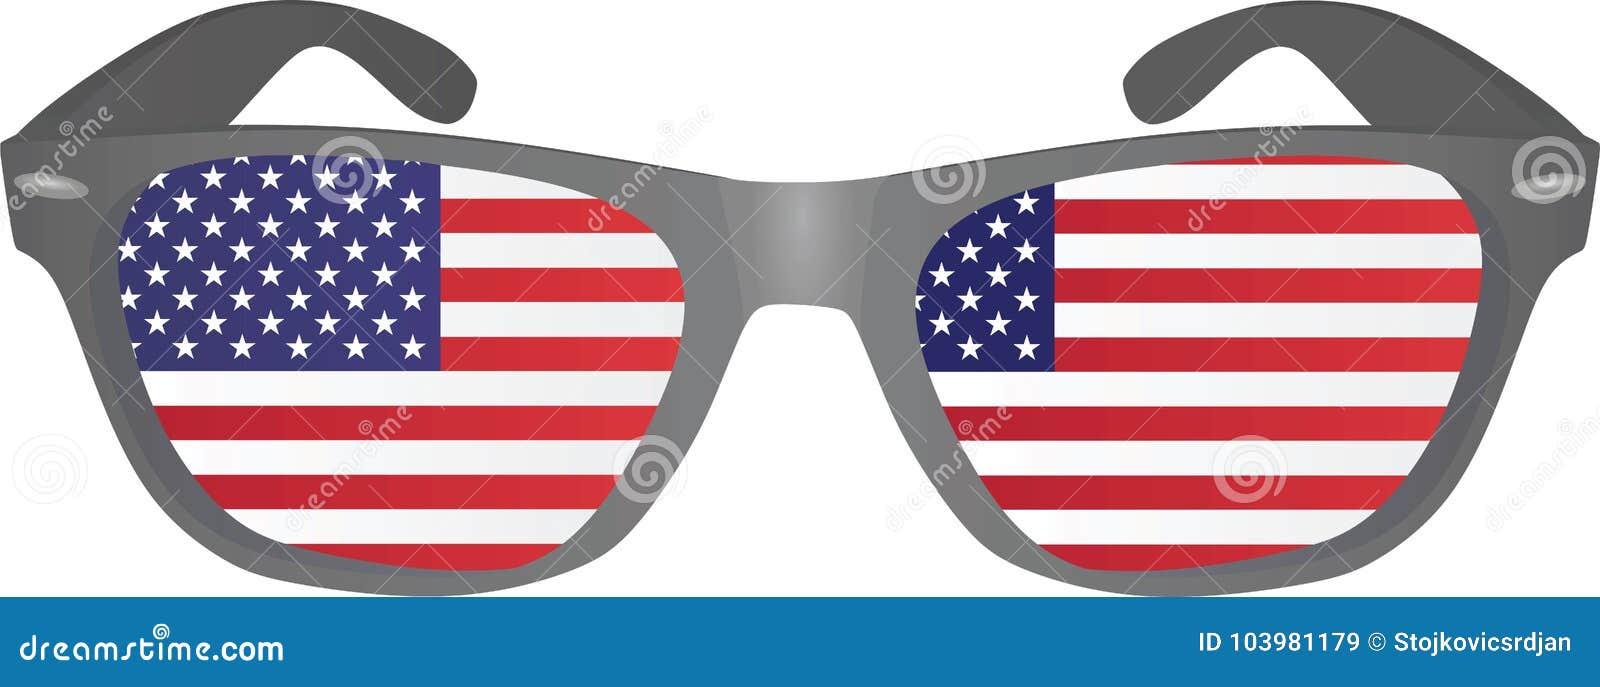 1184e153e5b Glasses With Usa Flag Inside Stock Vector - Illustration of nerd ...